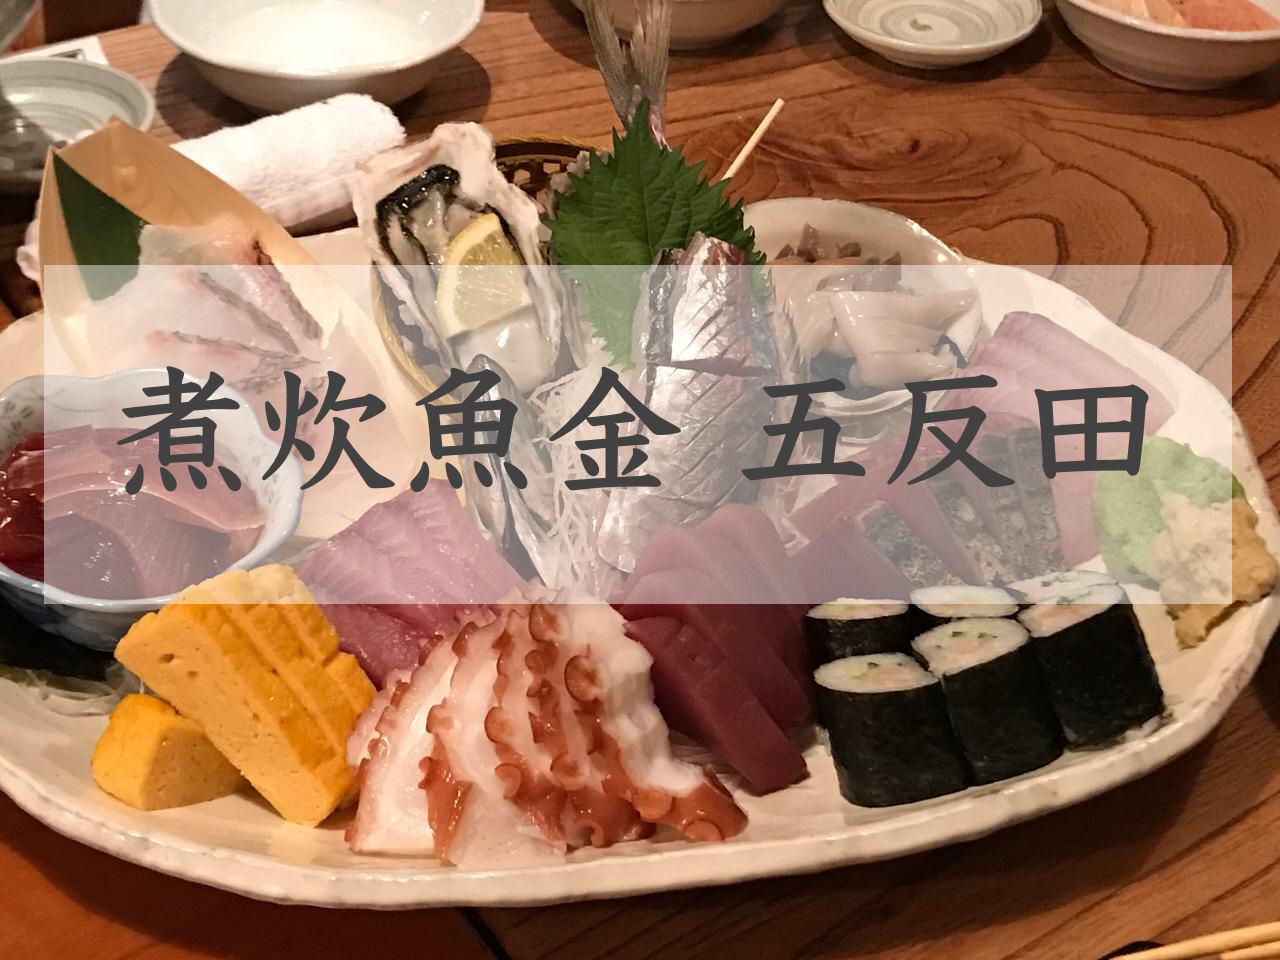 「煮炊魚金(五反田)」刺身盛りが盛り過ぎじゃないのって感じの嬉しいプレモルの店